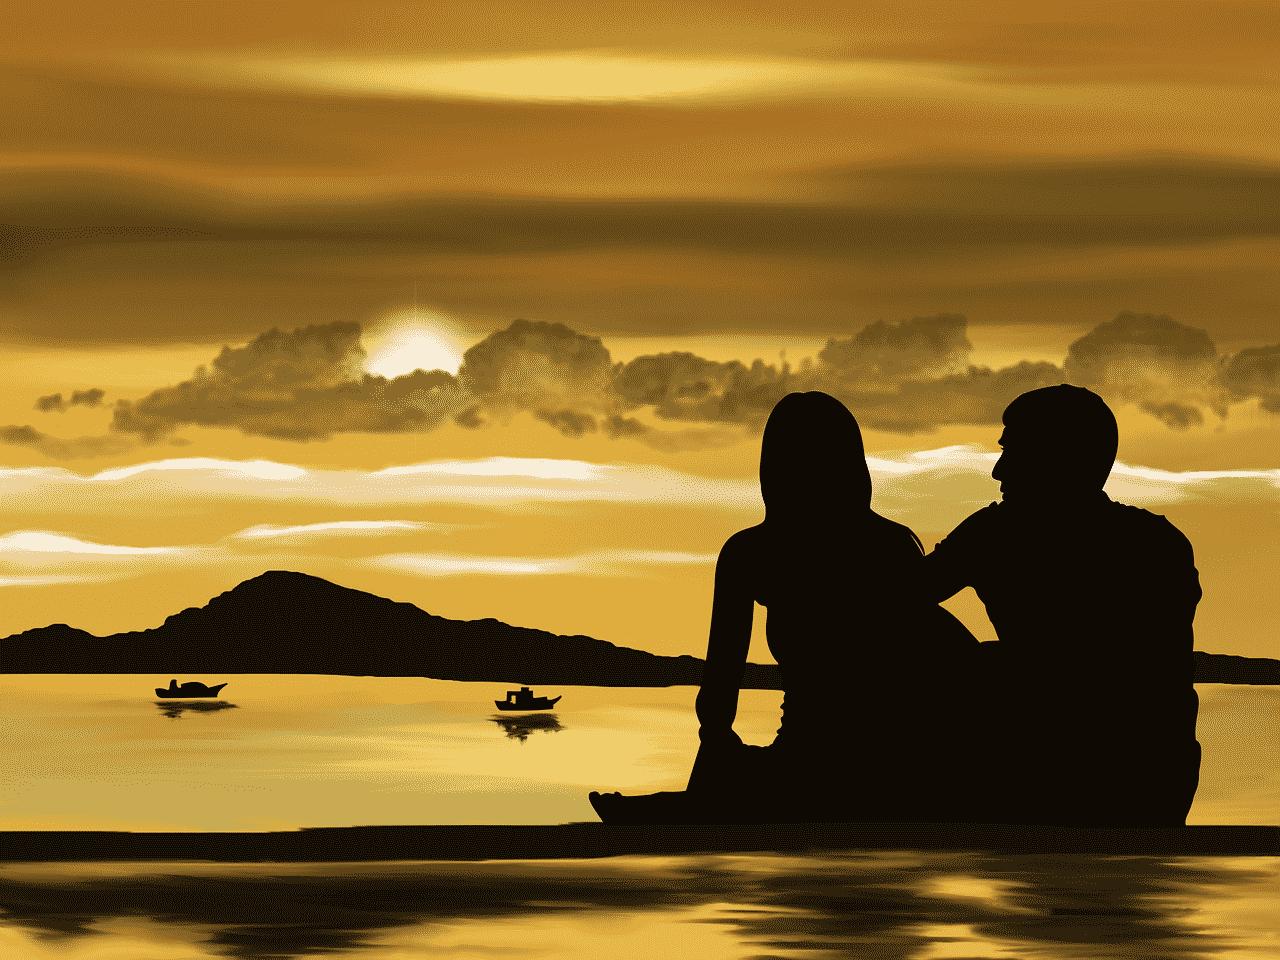 Waage Mann erobern - Beziehung